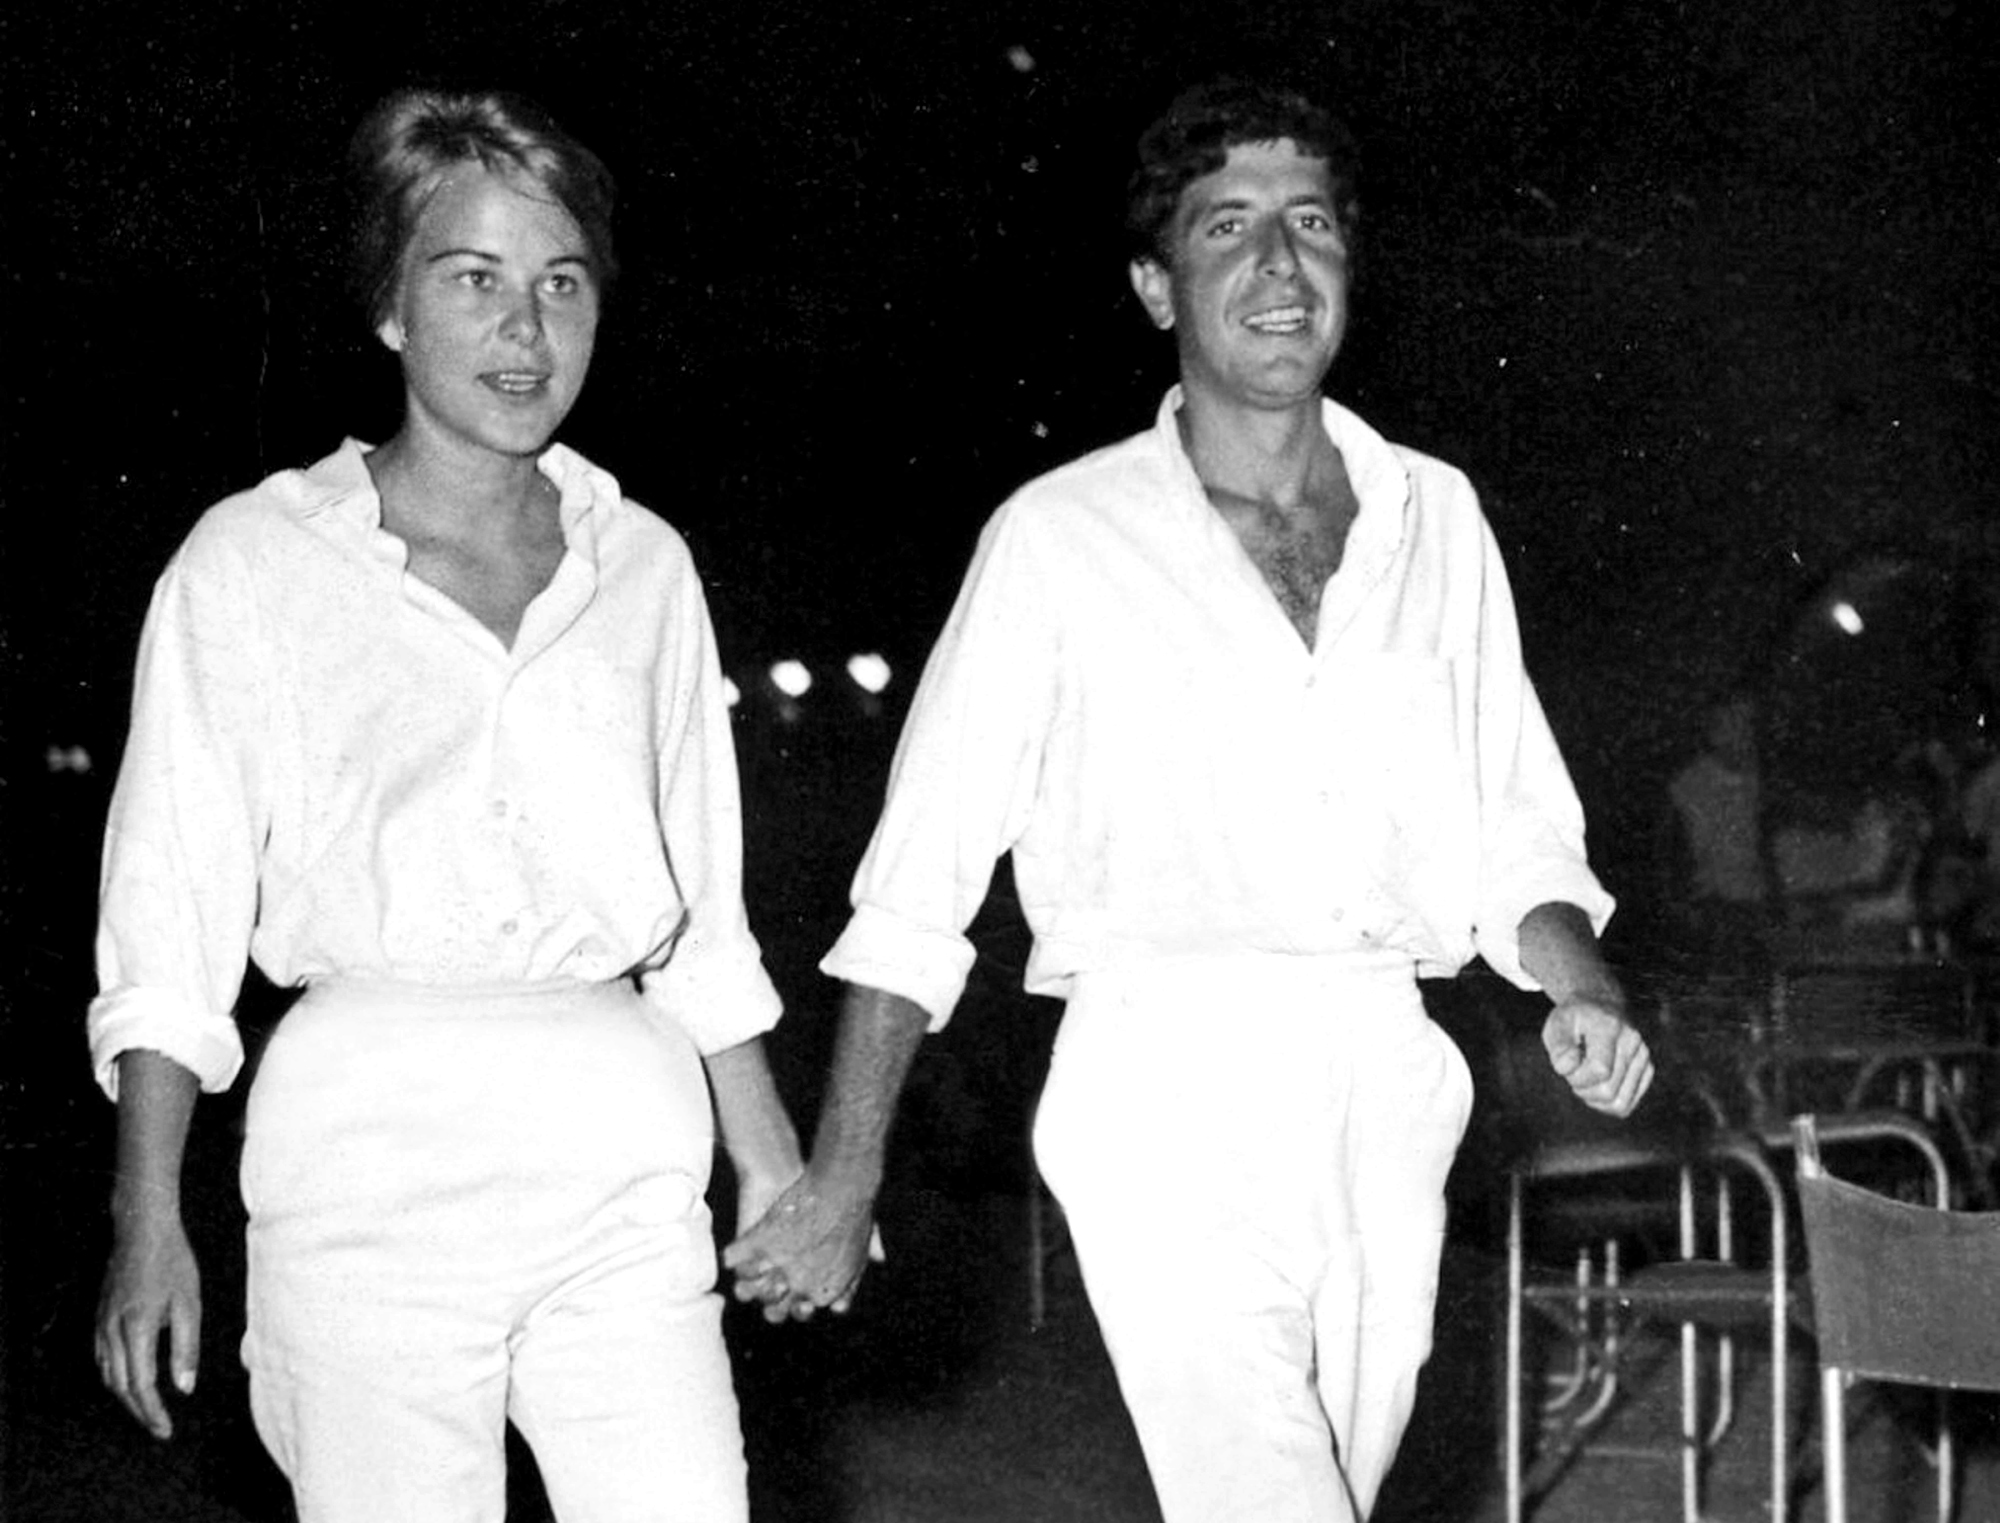 Marianne Ihlen and Leonard Cohen